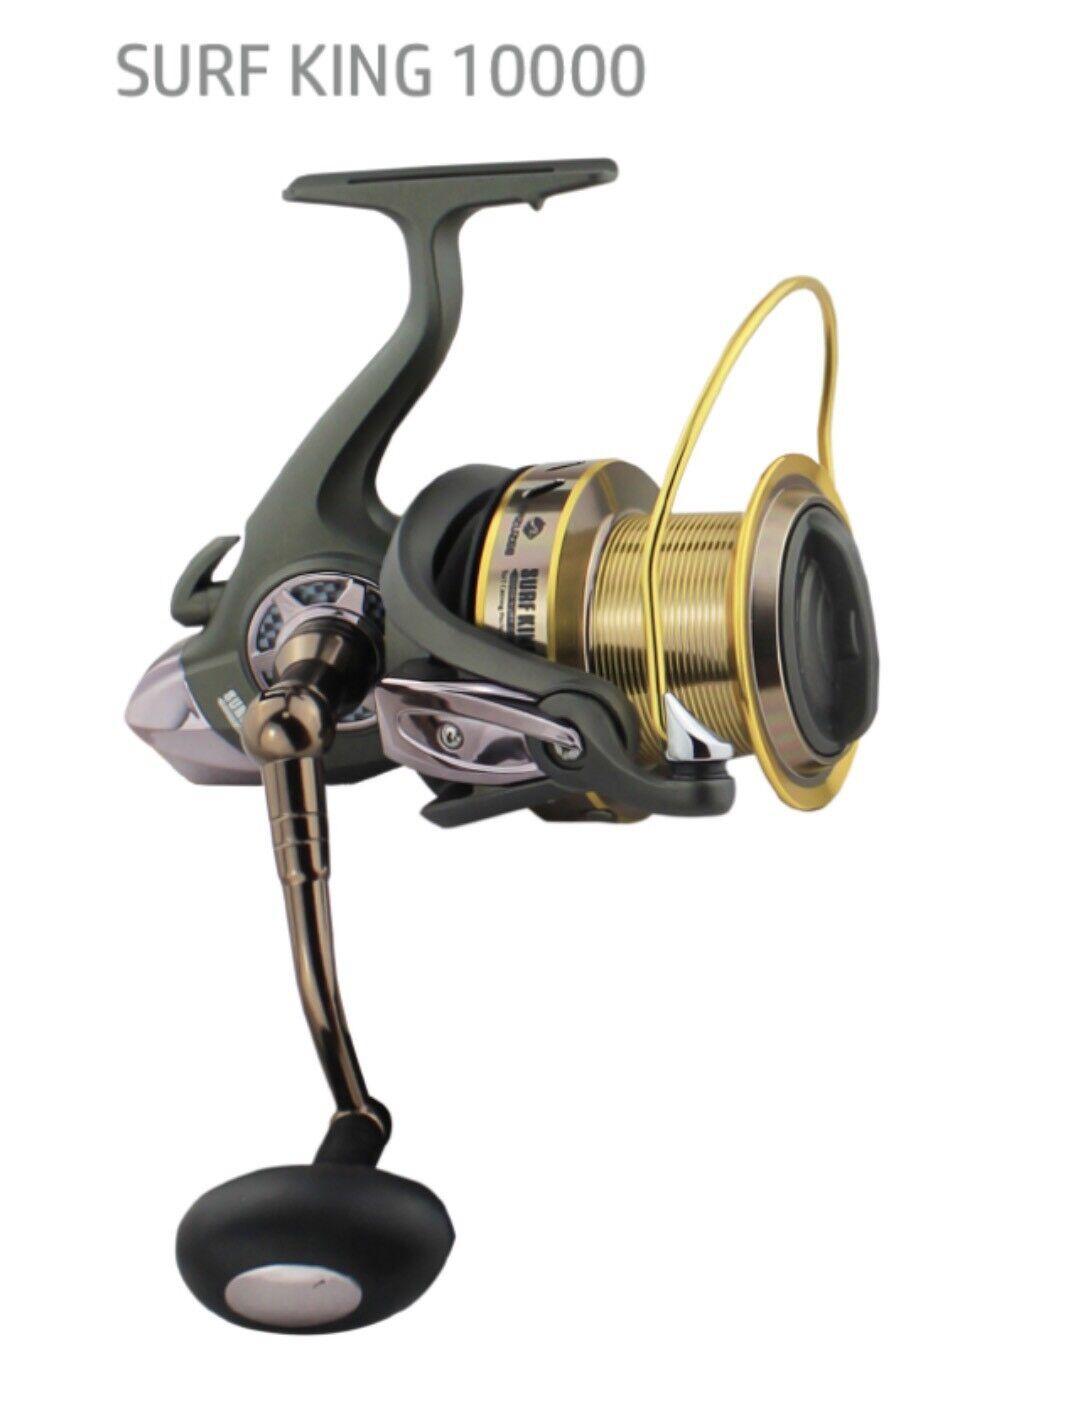 SURF KING 10000 Spining Spining 10000 Fishing Reel BR Bite N Run Freespool / Fishing Gear 8ad75b